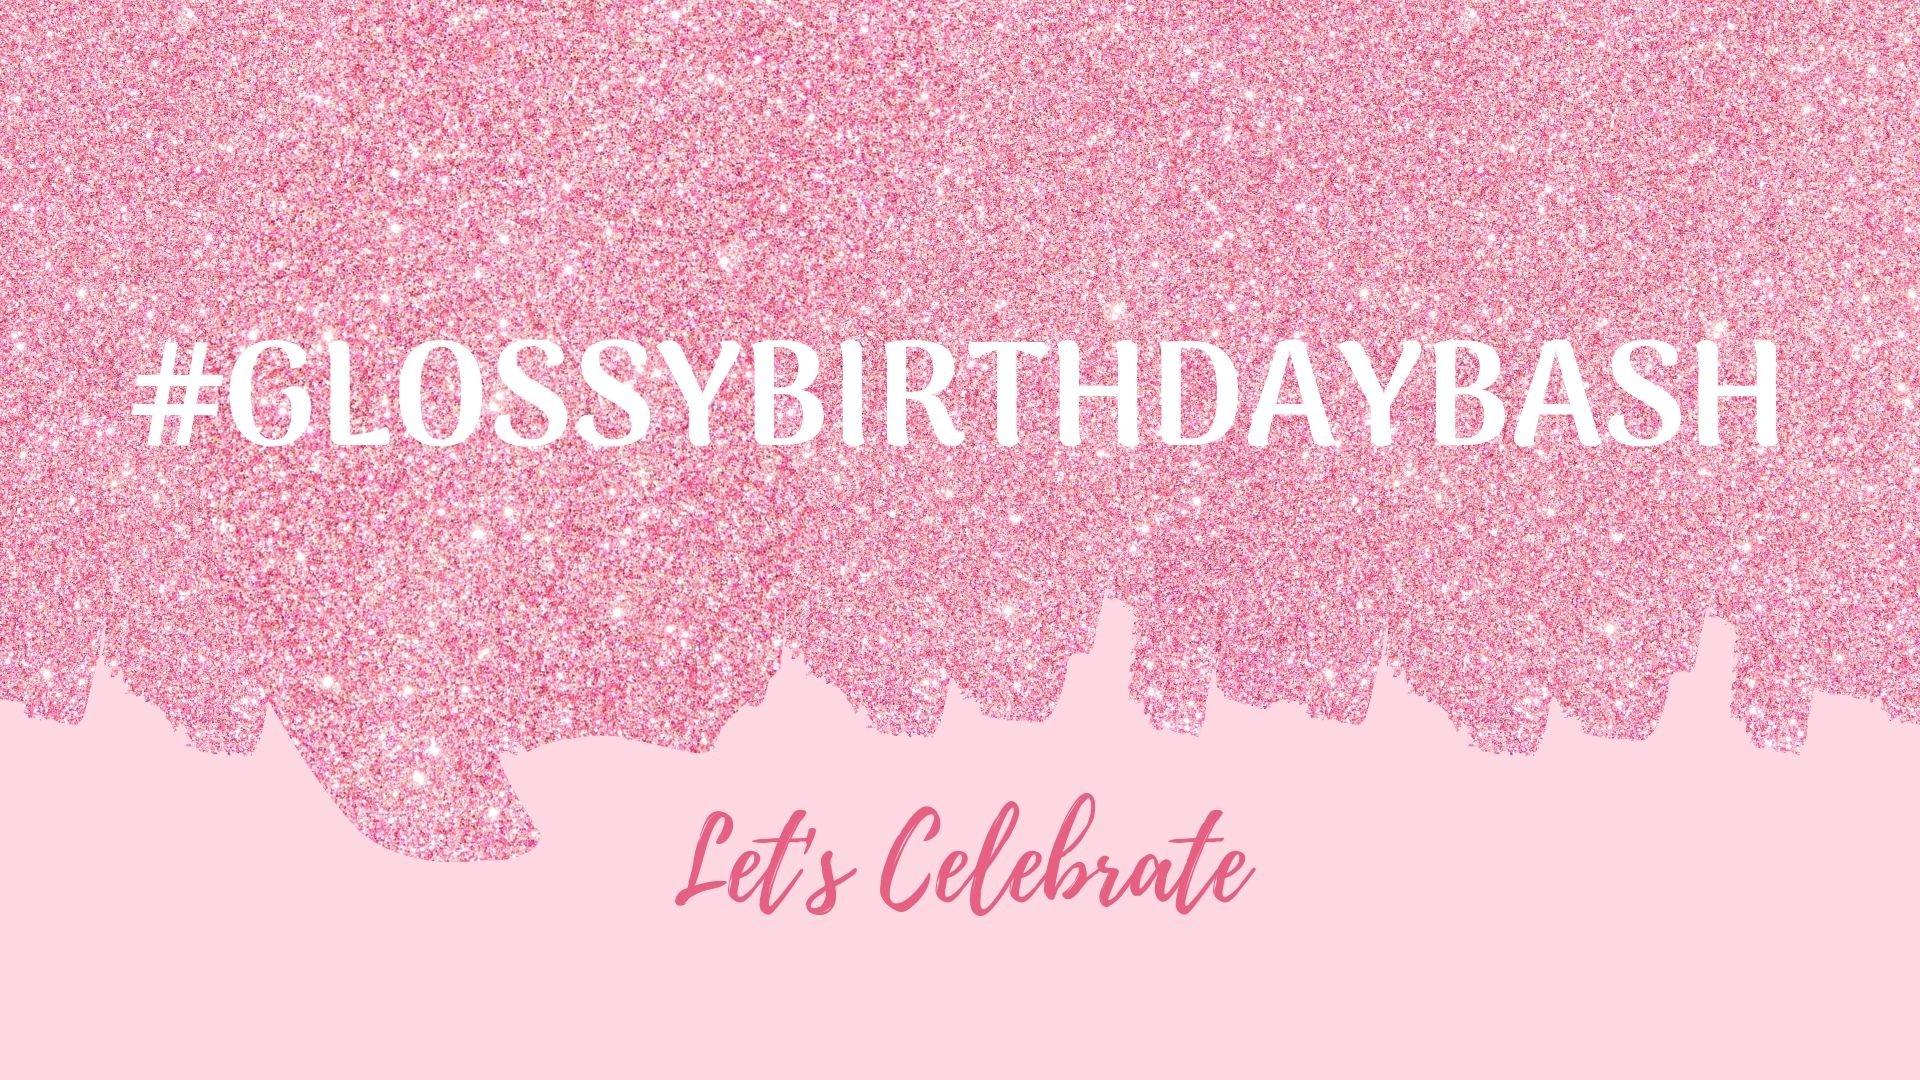 glossybox hashtag birthday